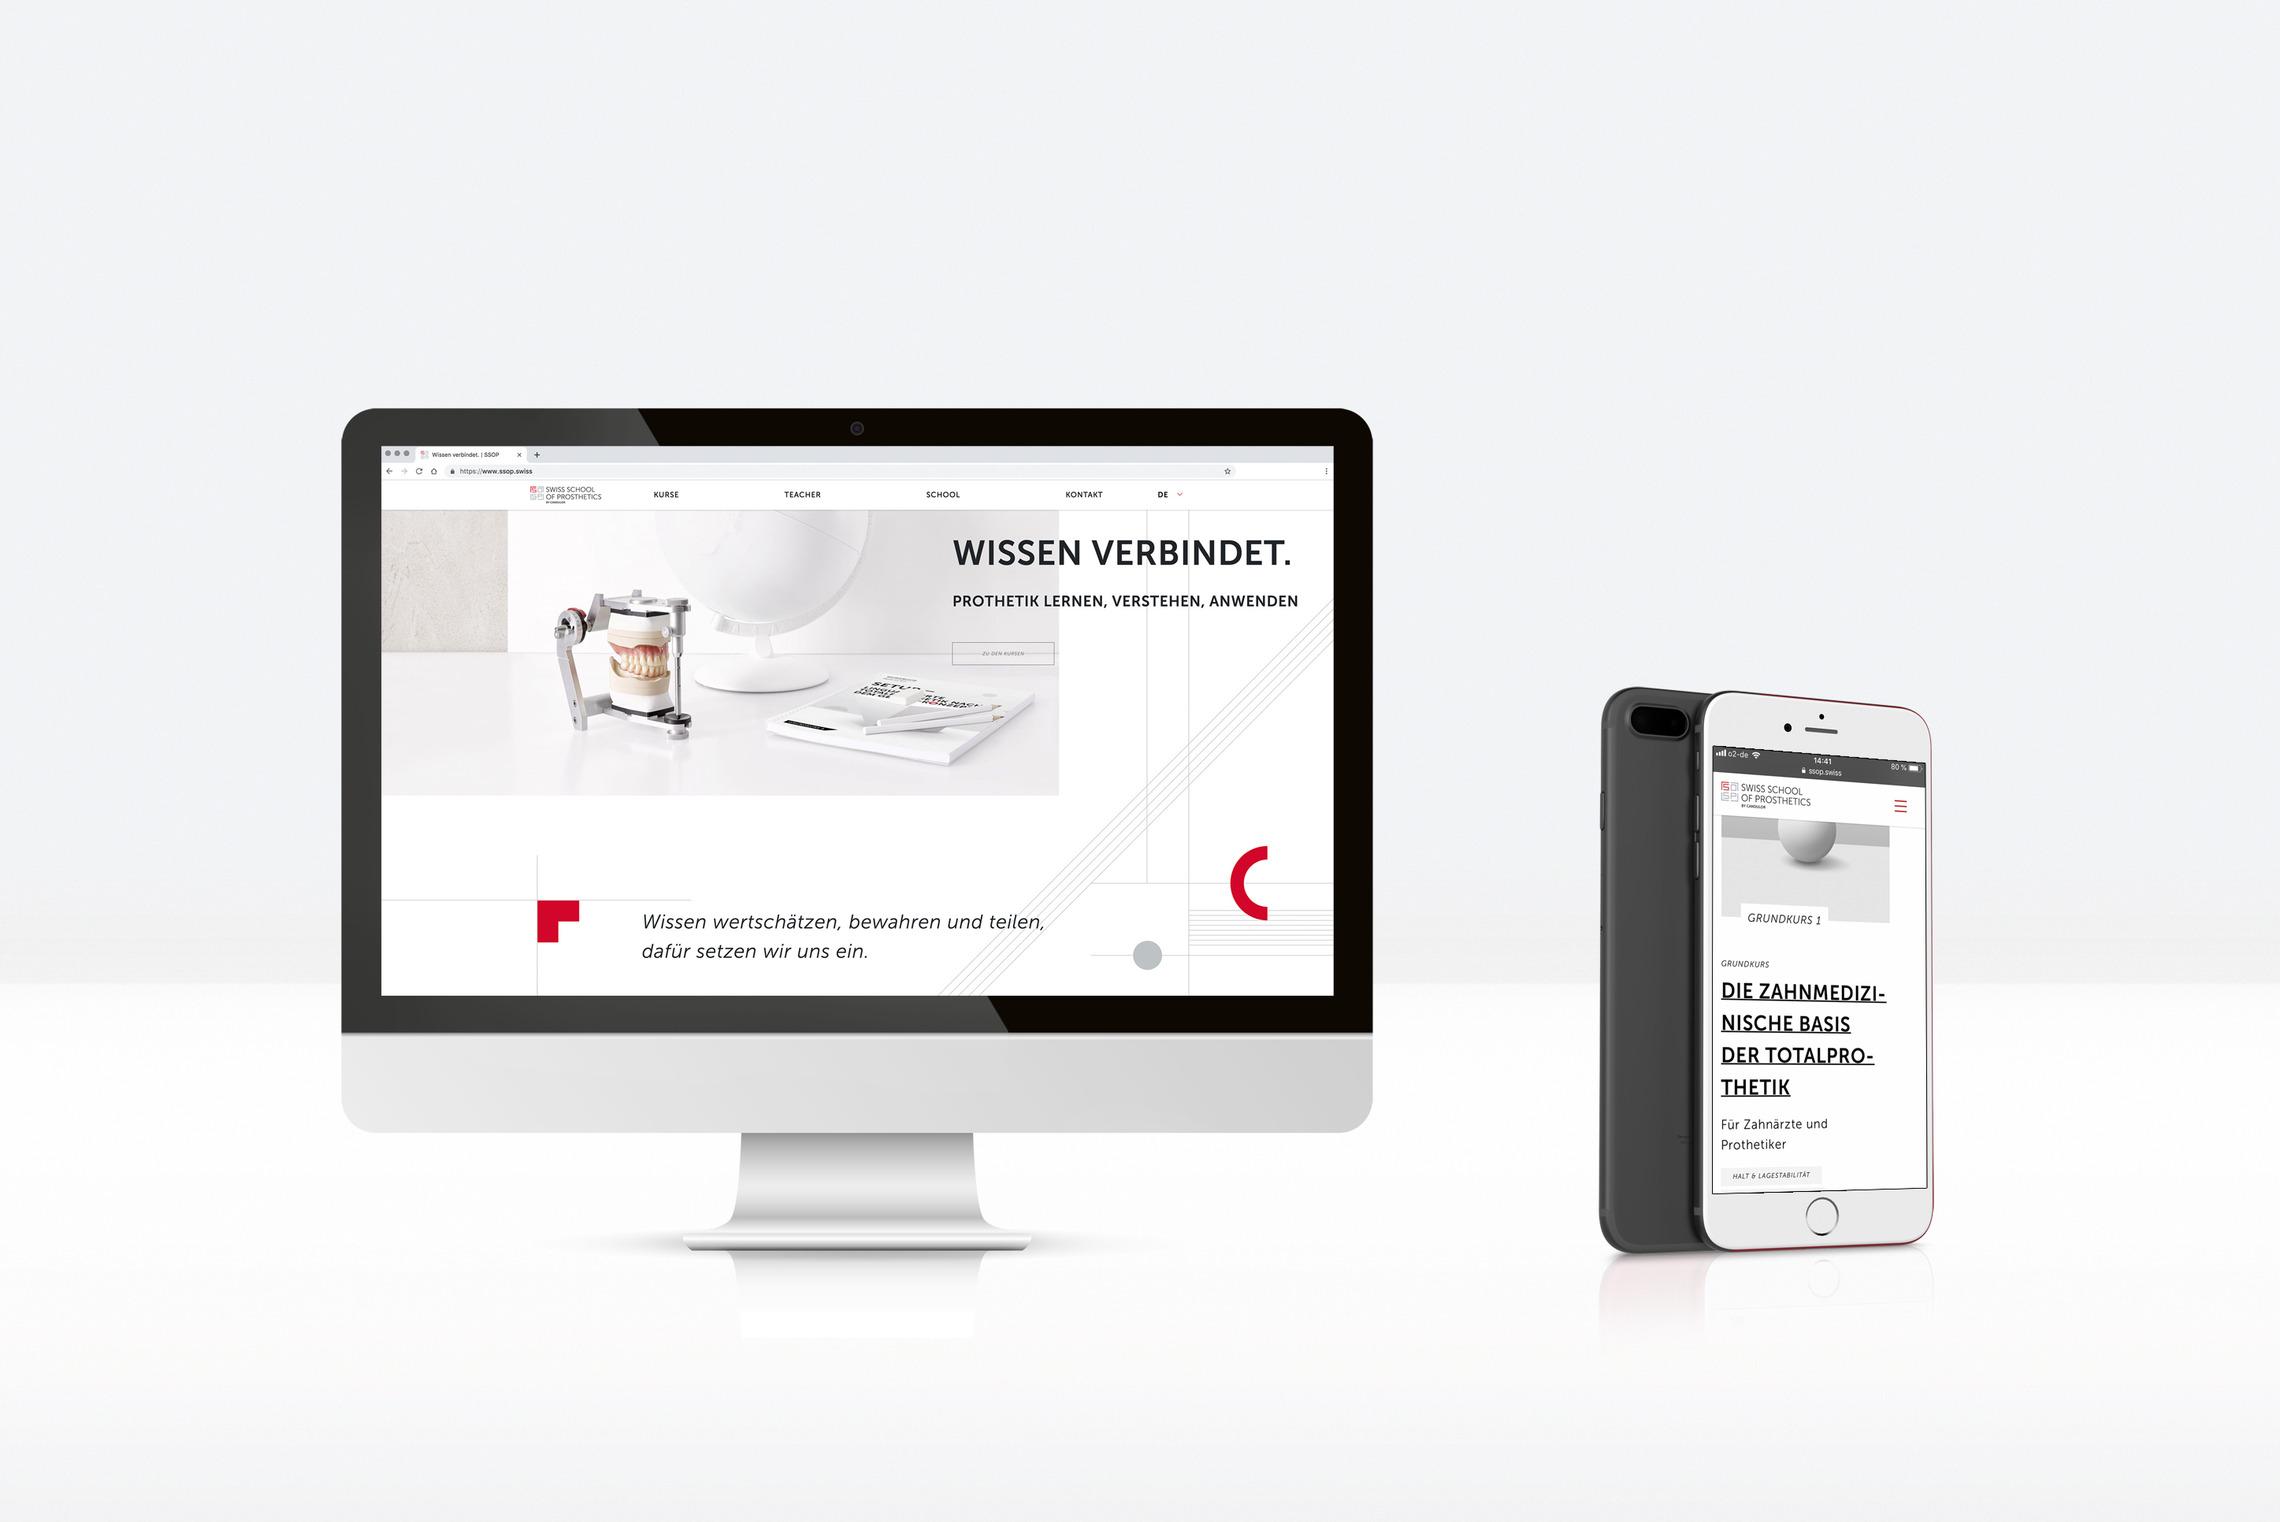 Die Website ist der wichtigste Touchpoint für Lehrer und Teilnehmer der SCHOOL.